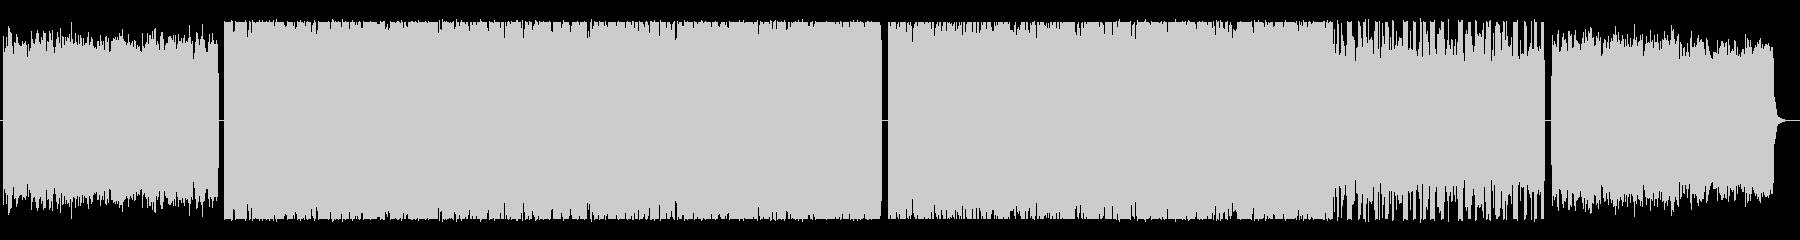 ダウナーピアノのCHILL系HIPHOPの未再生の波形